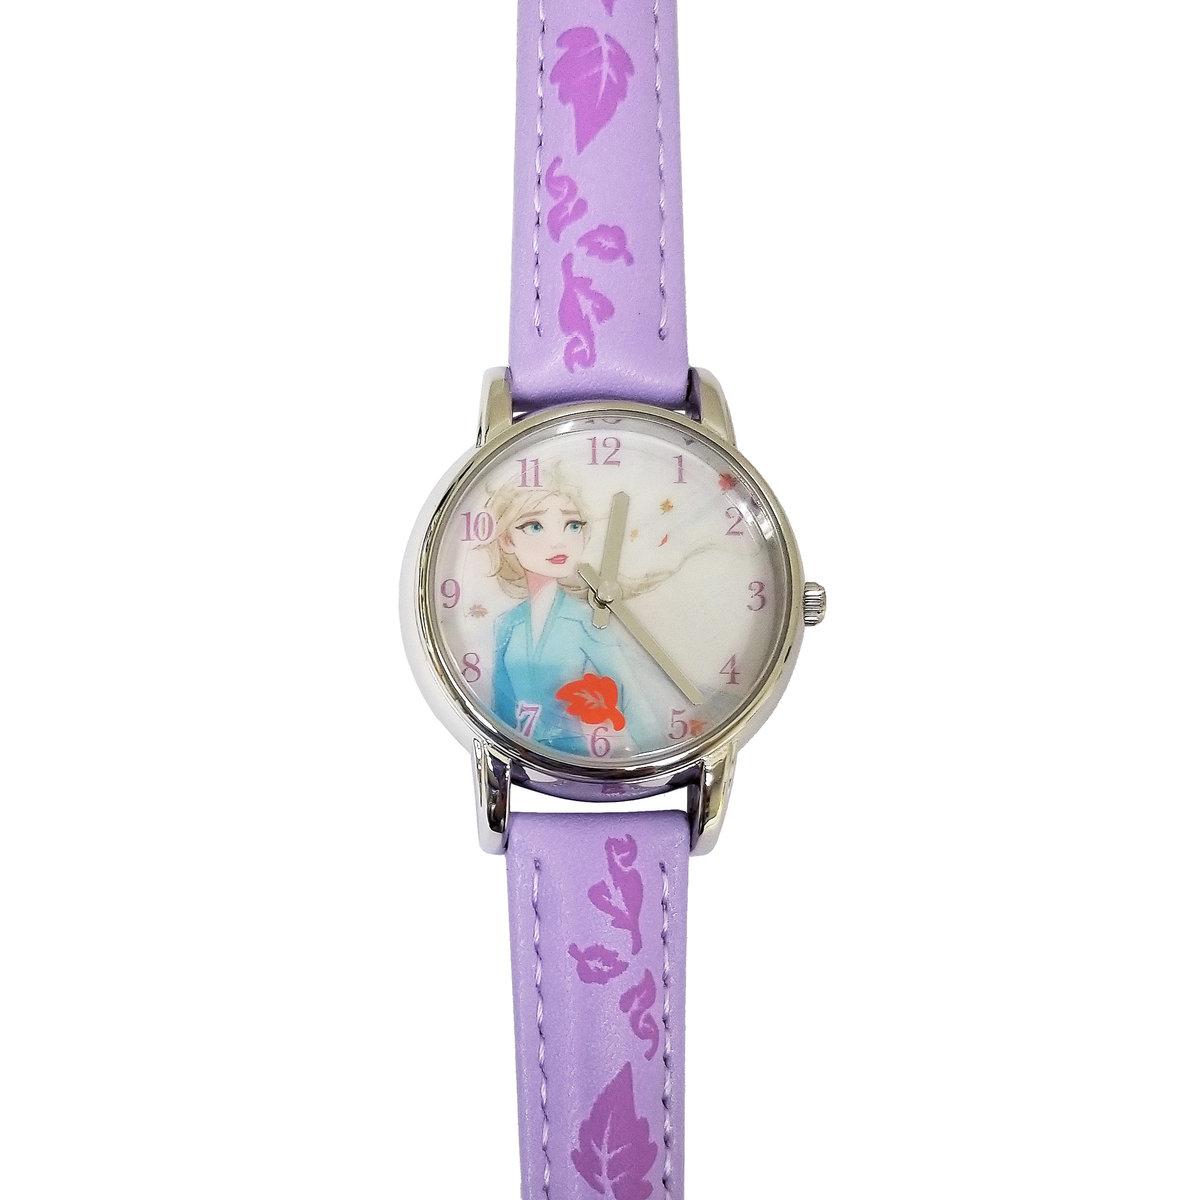 魔雪奇緣 2 DISNEY FROZEN 2 秒盤手錶 - Elsa (迪士尼許可產品)